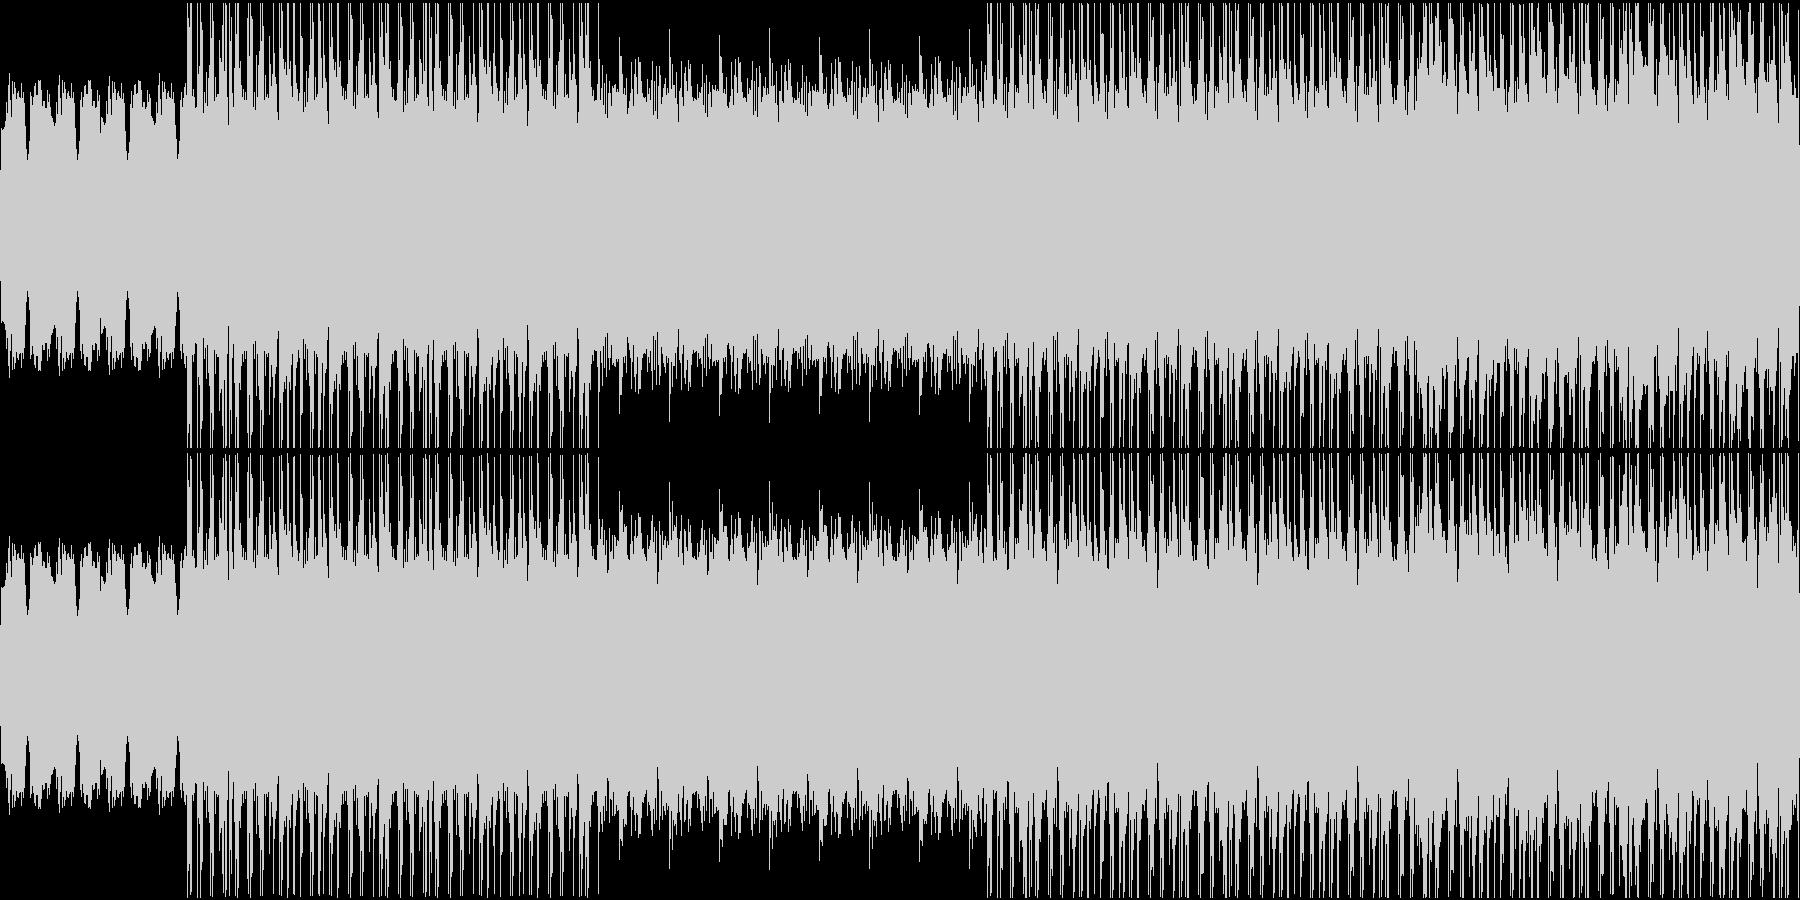 【映像系】レトロHipHopの未再生の波形